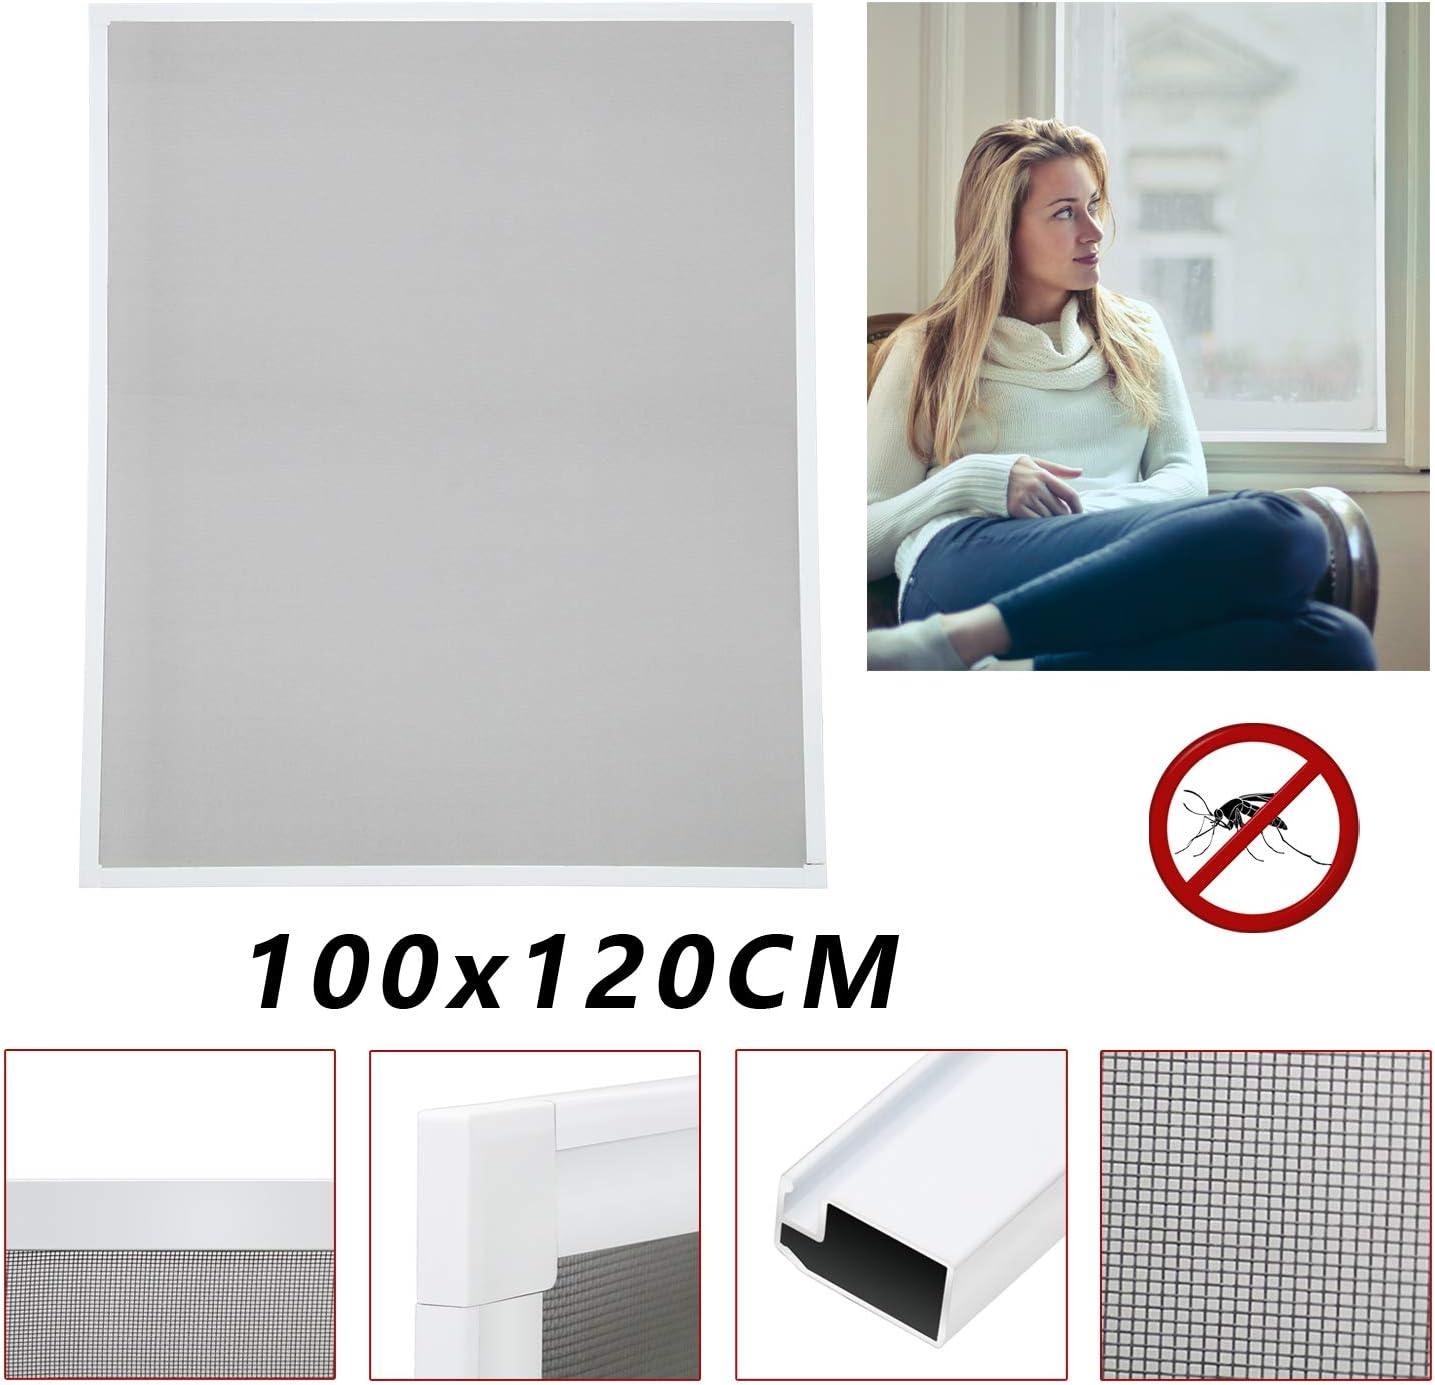 moustiquaire fenetre anti moustique Protection contre insectes Amovible salle de séjour(100x120CM)